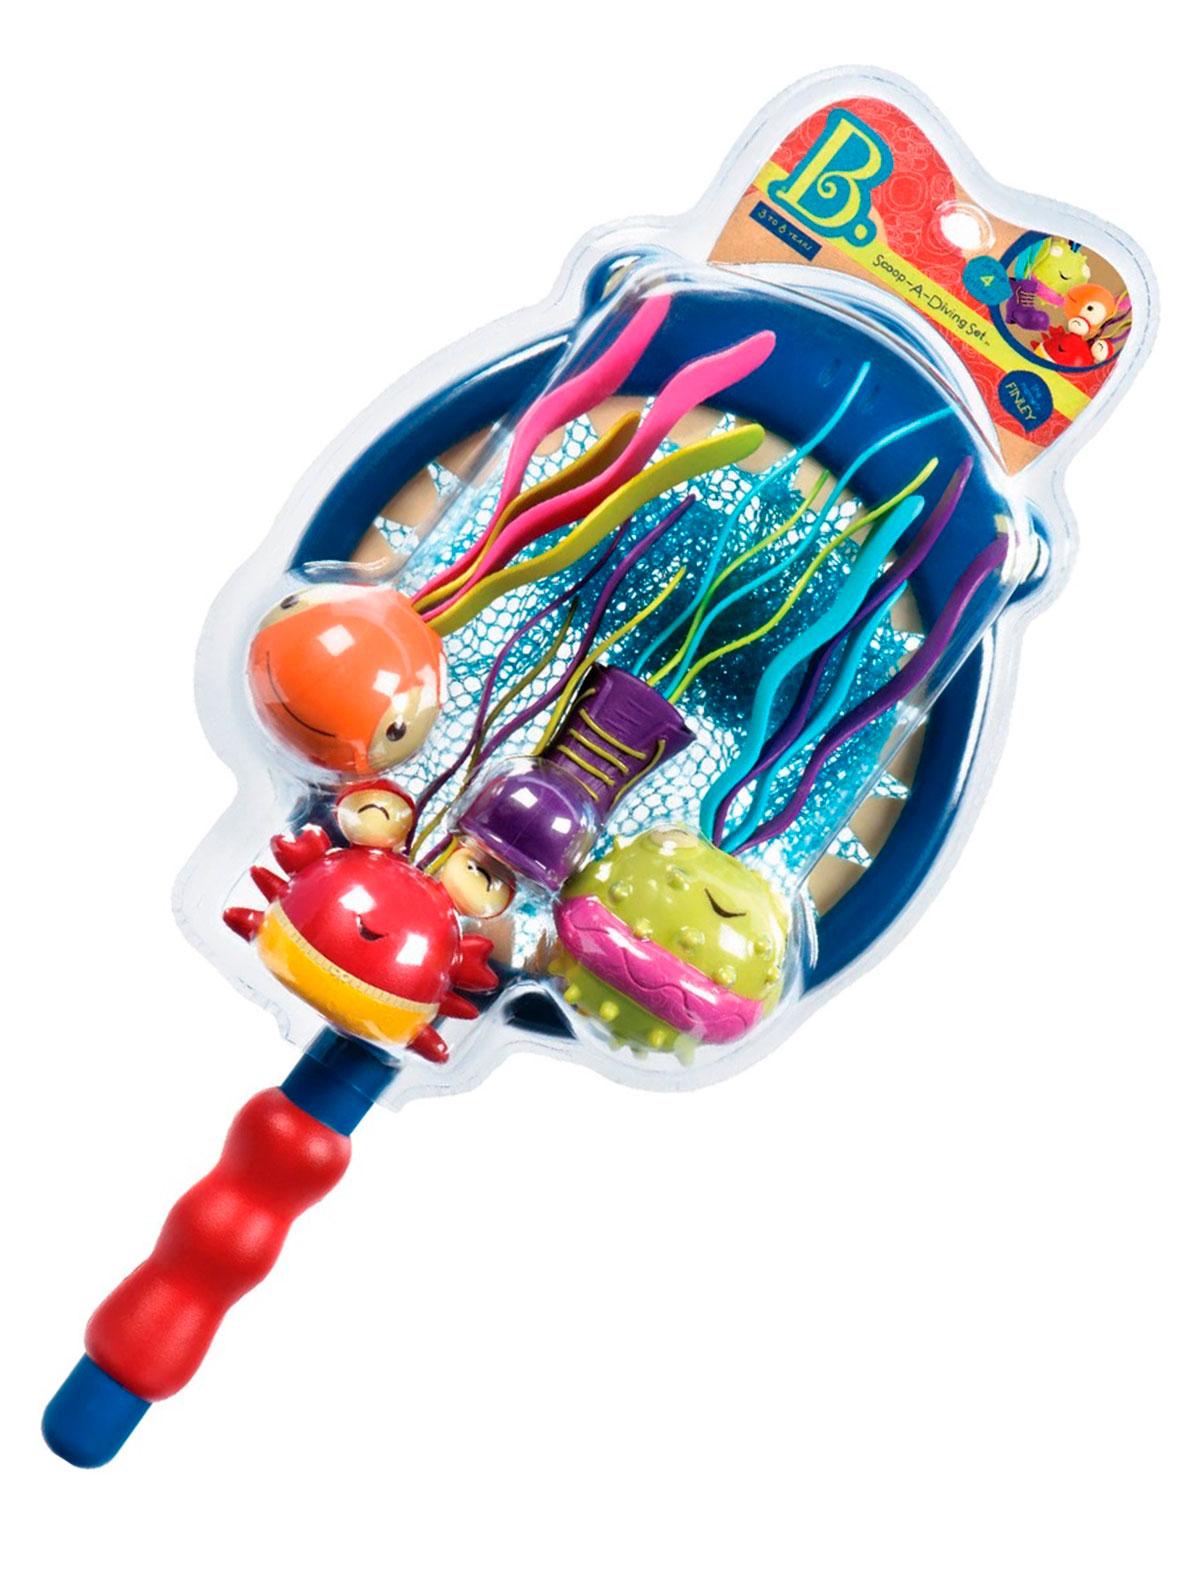 Купить 2196171, Игрушка B Toys, синий, 7134529070718